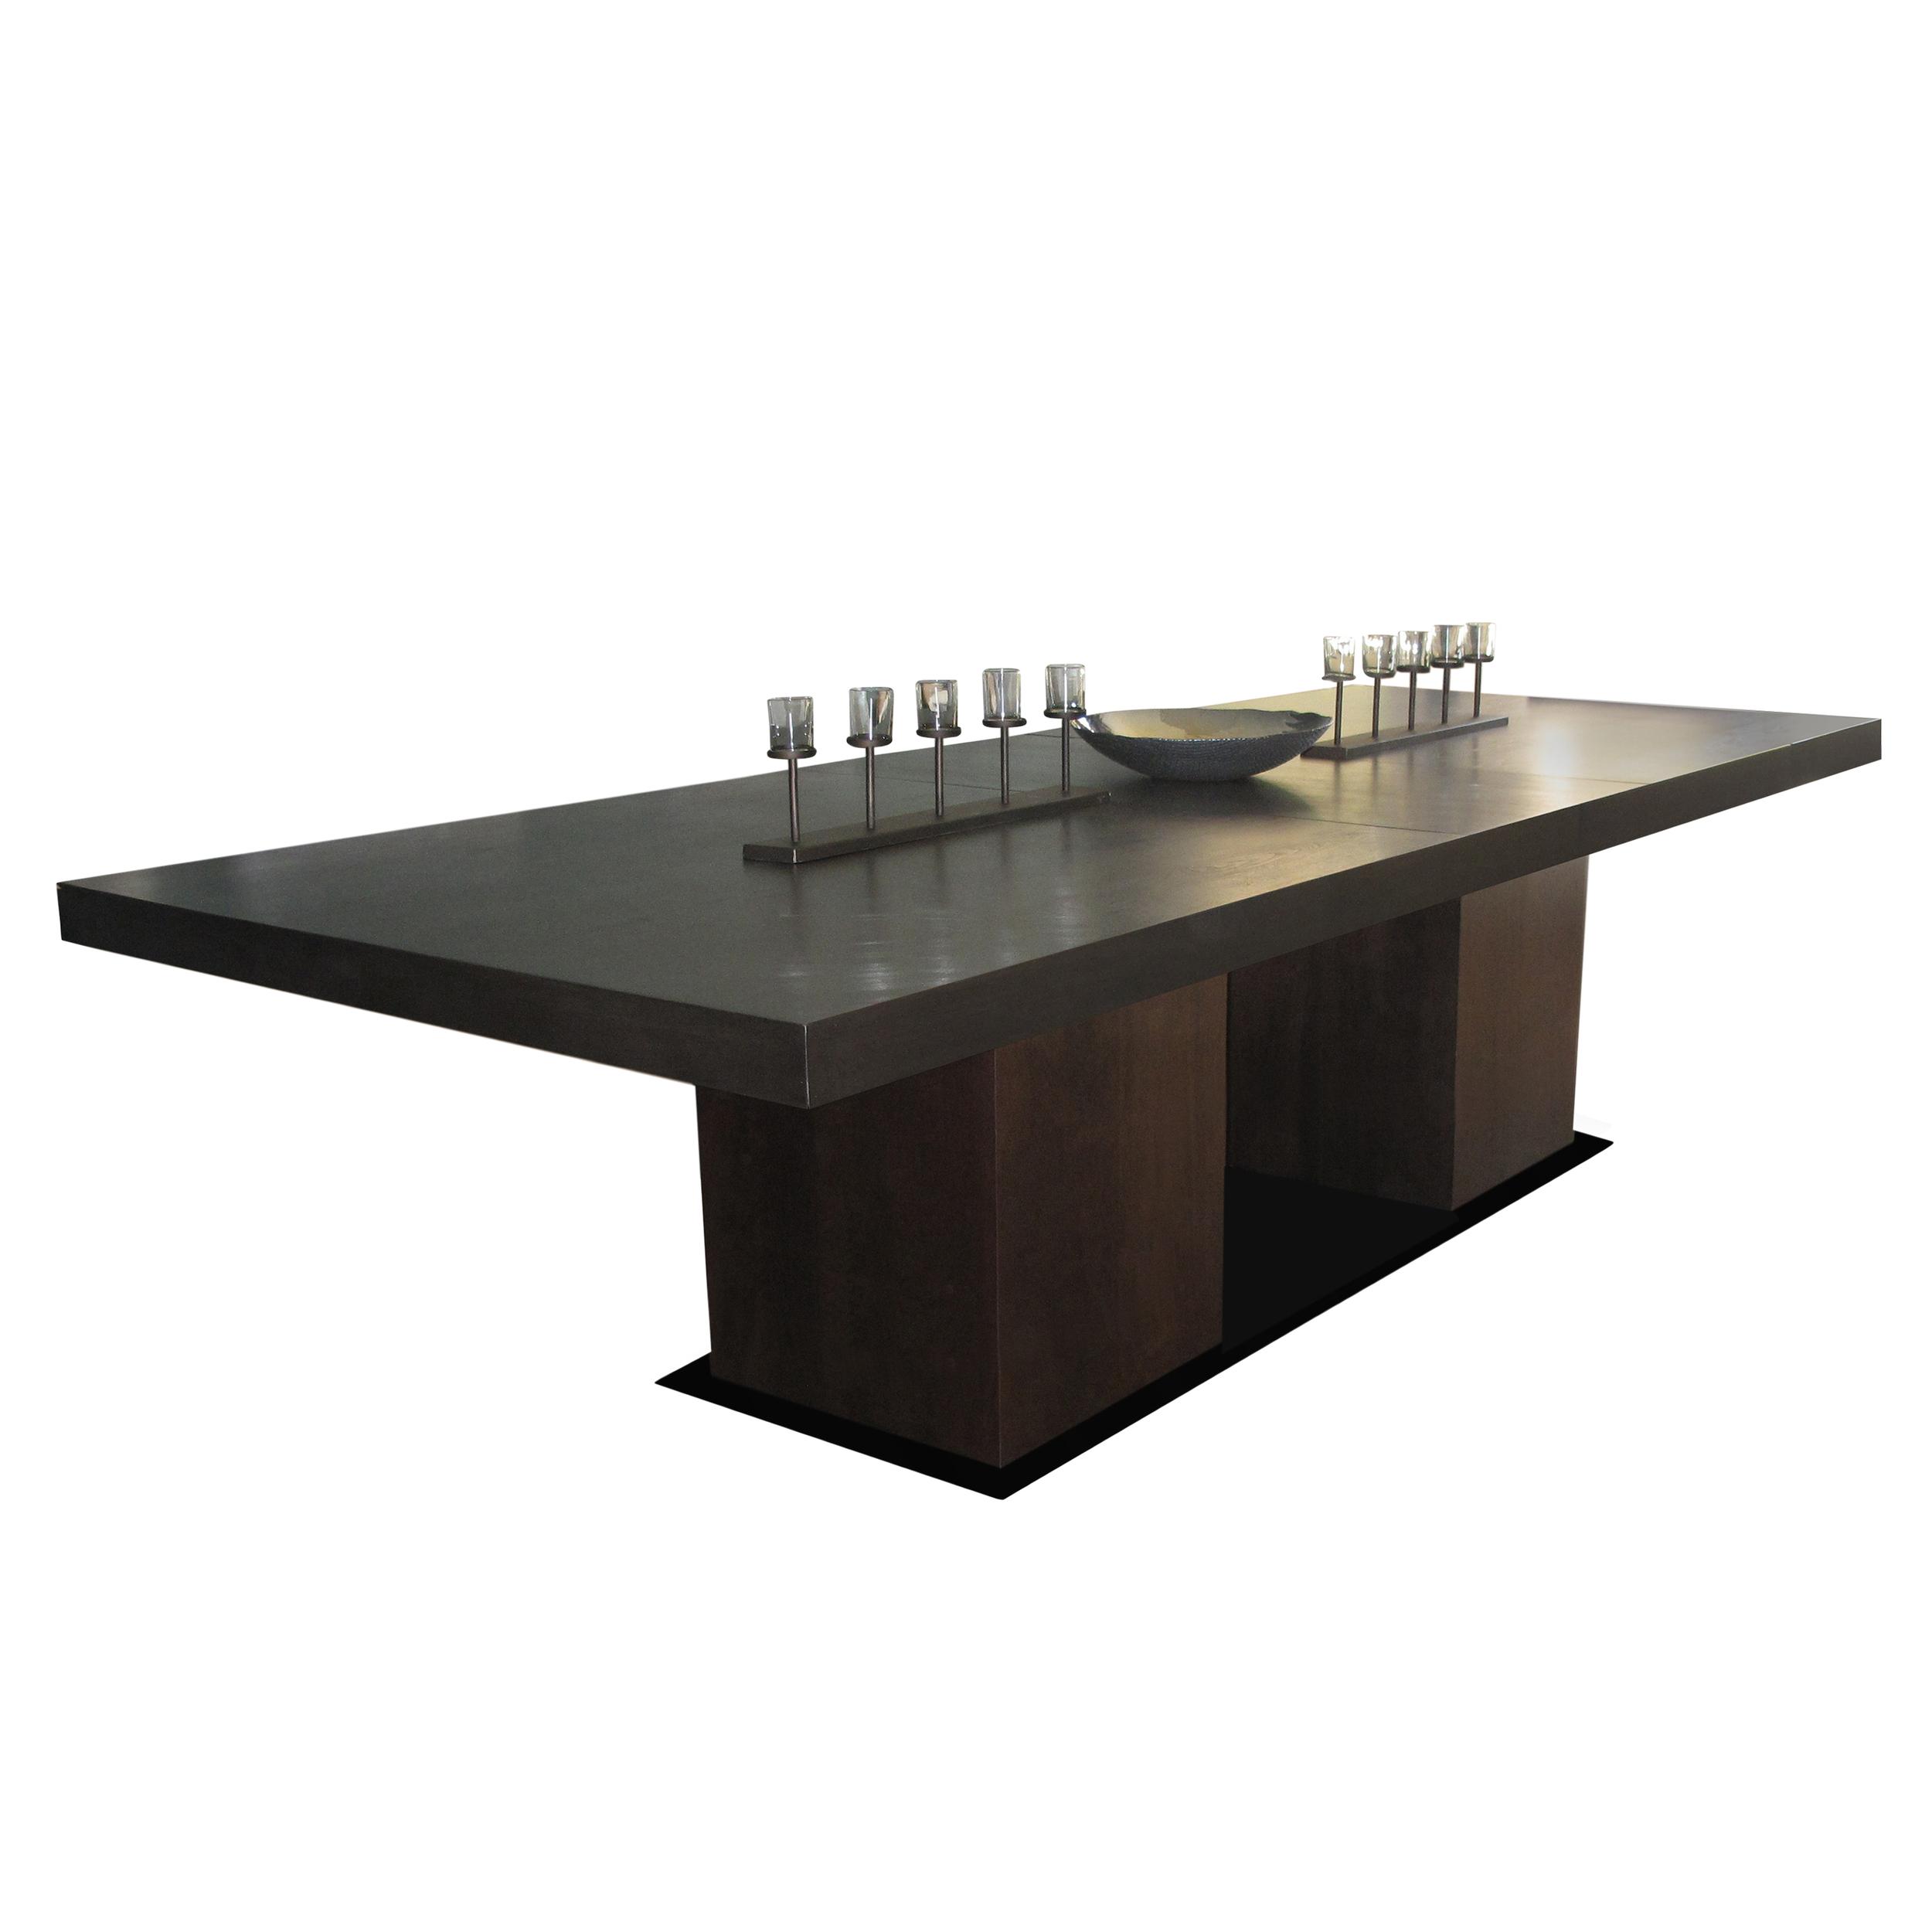 ERASMUS Table